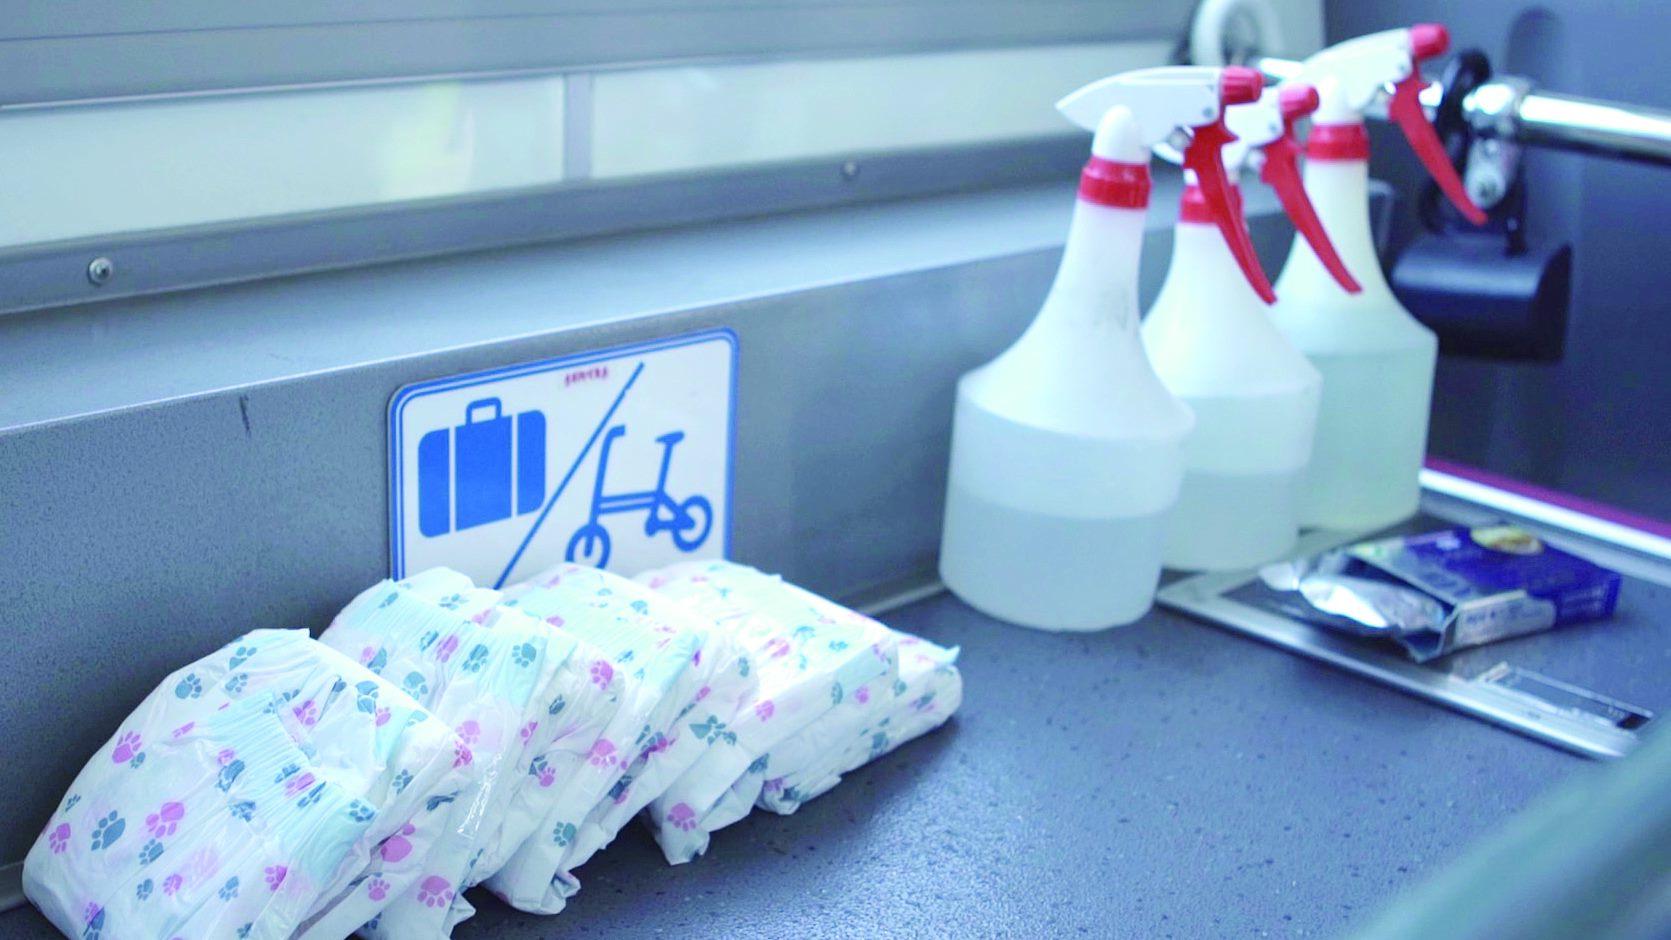 友善狗狗公車上會備有狗狗尿布與消毒水等,以提供飼主清潔與照護狗狗。